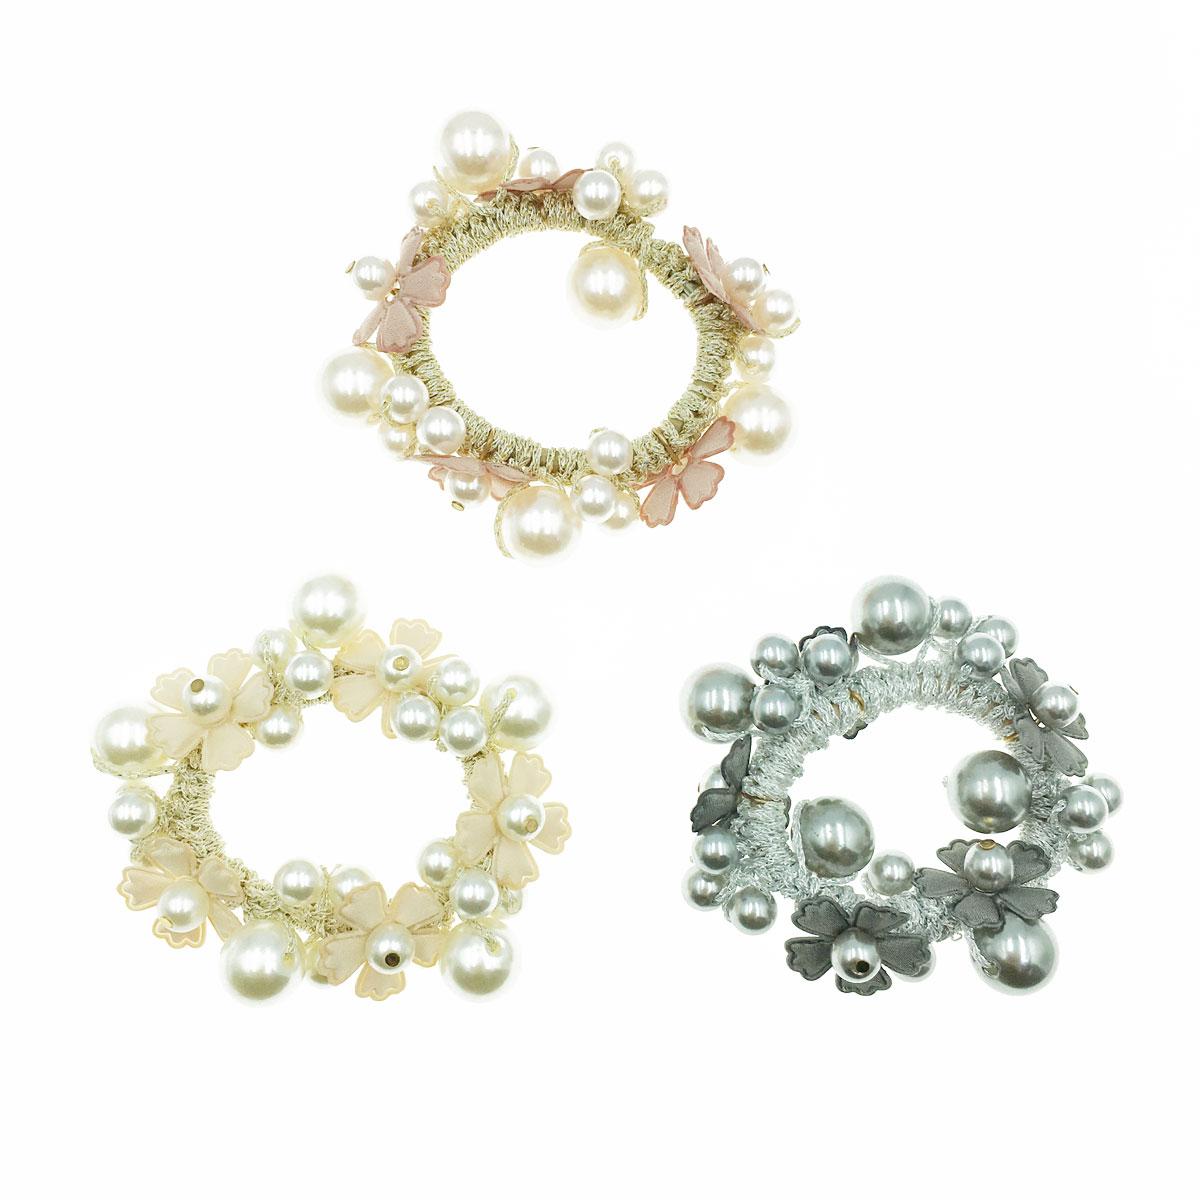 韓國 珍珠 花朵 同色二入一組 三色 髮圈 髮束 髮飾